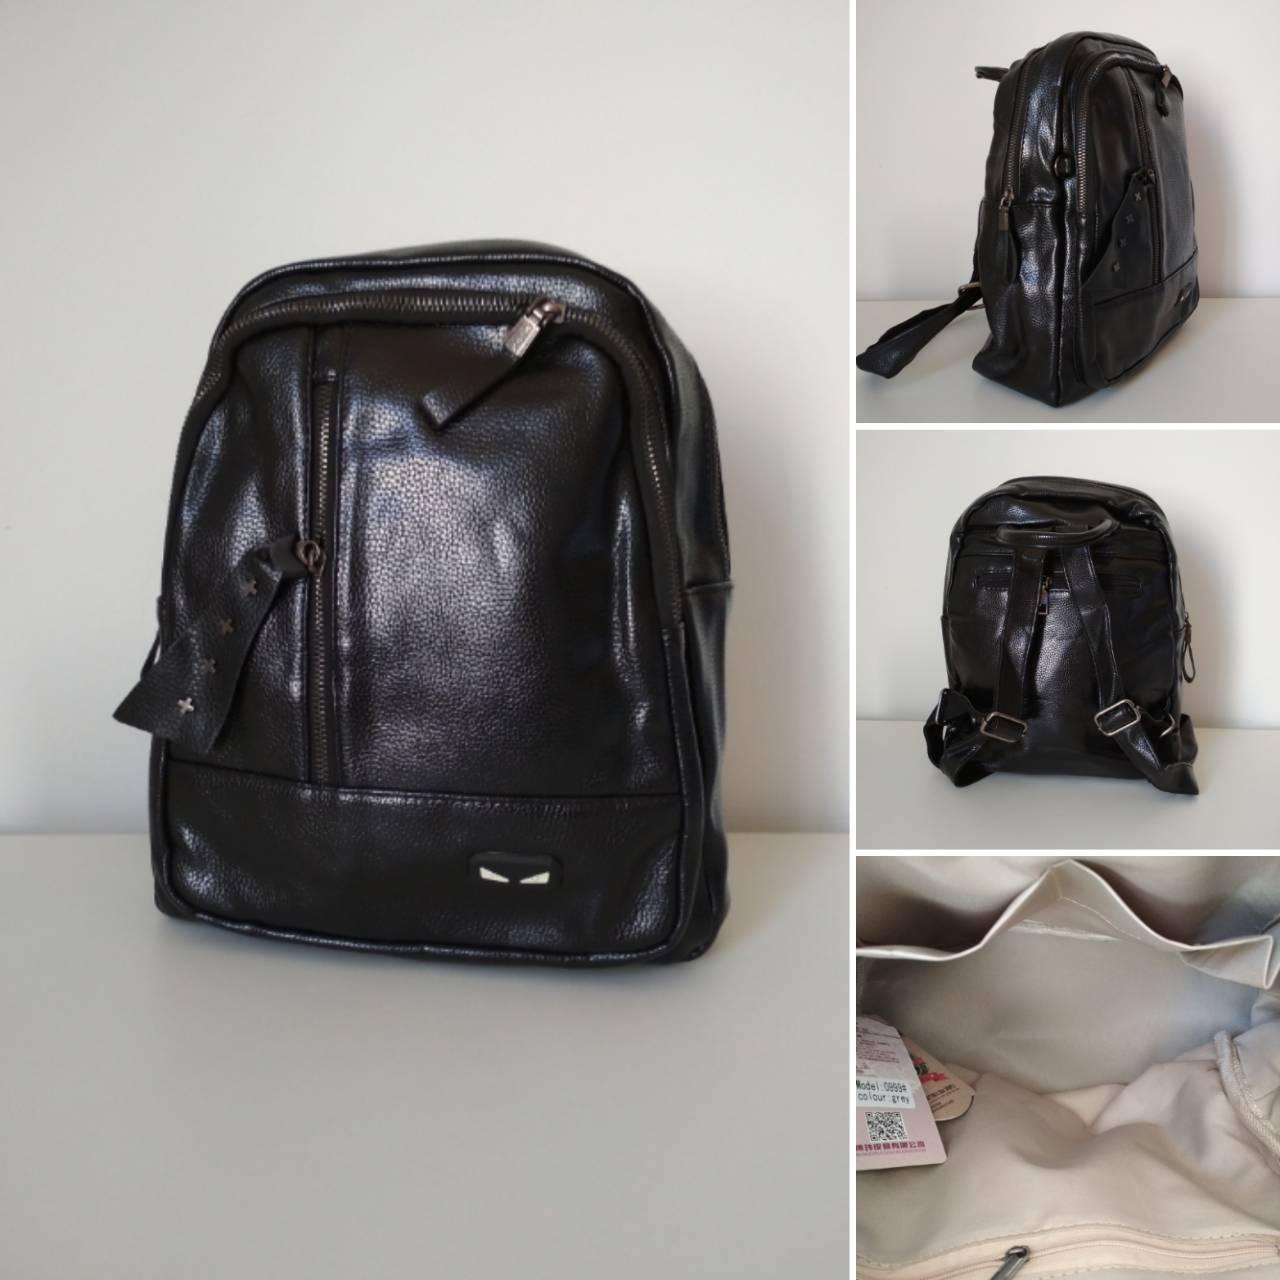 Рюкзак городской для девушки (девочки) кожзам размер 33x25x15